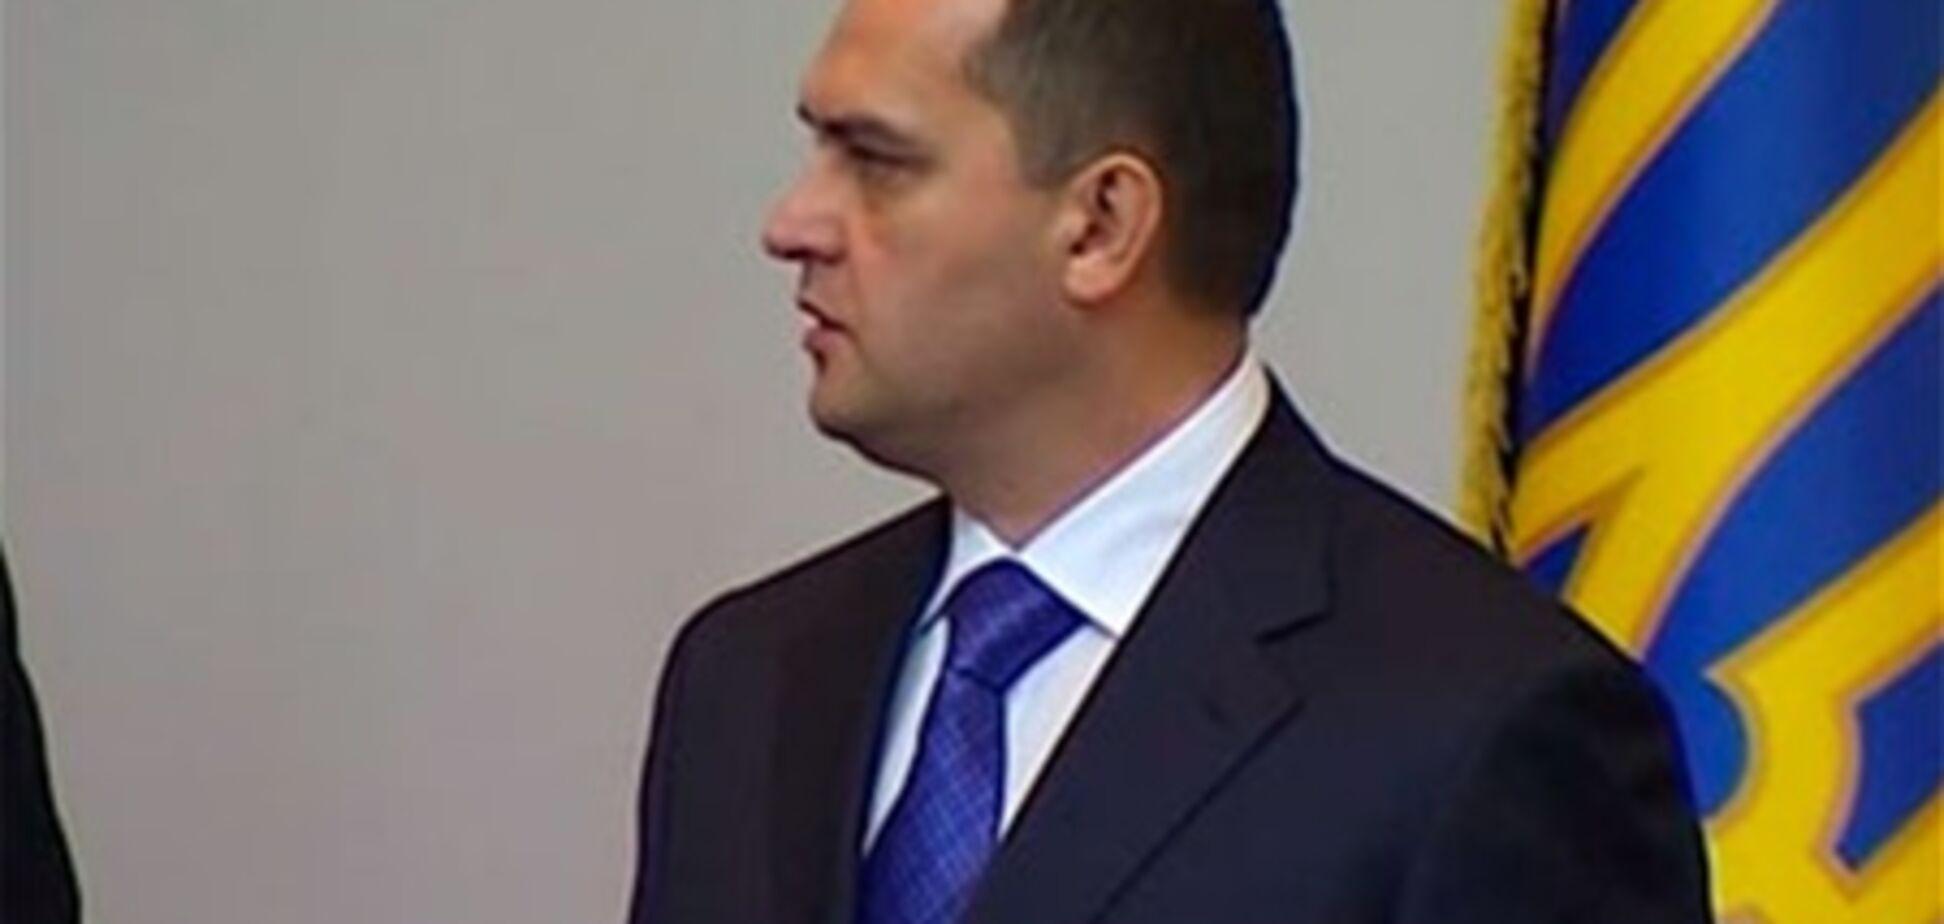 Глава МВД срочно вылетел в Днепропетровск из-за серии взрывов